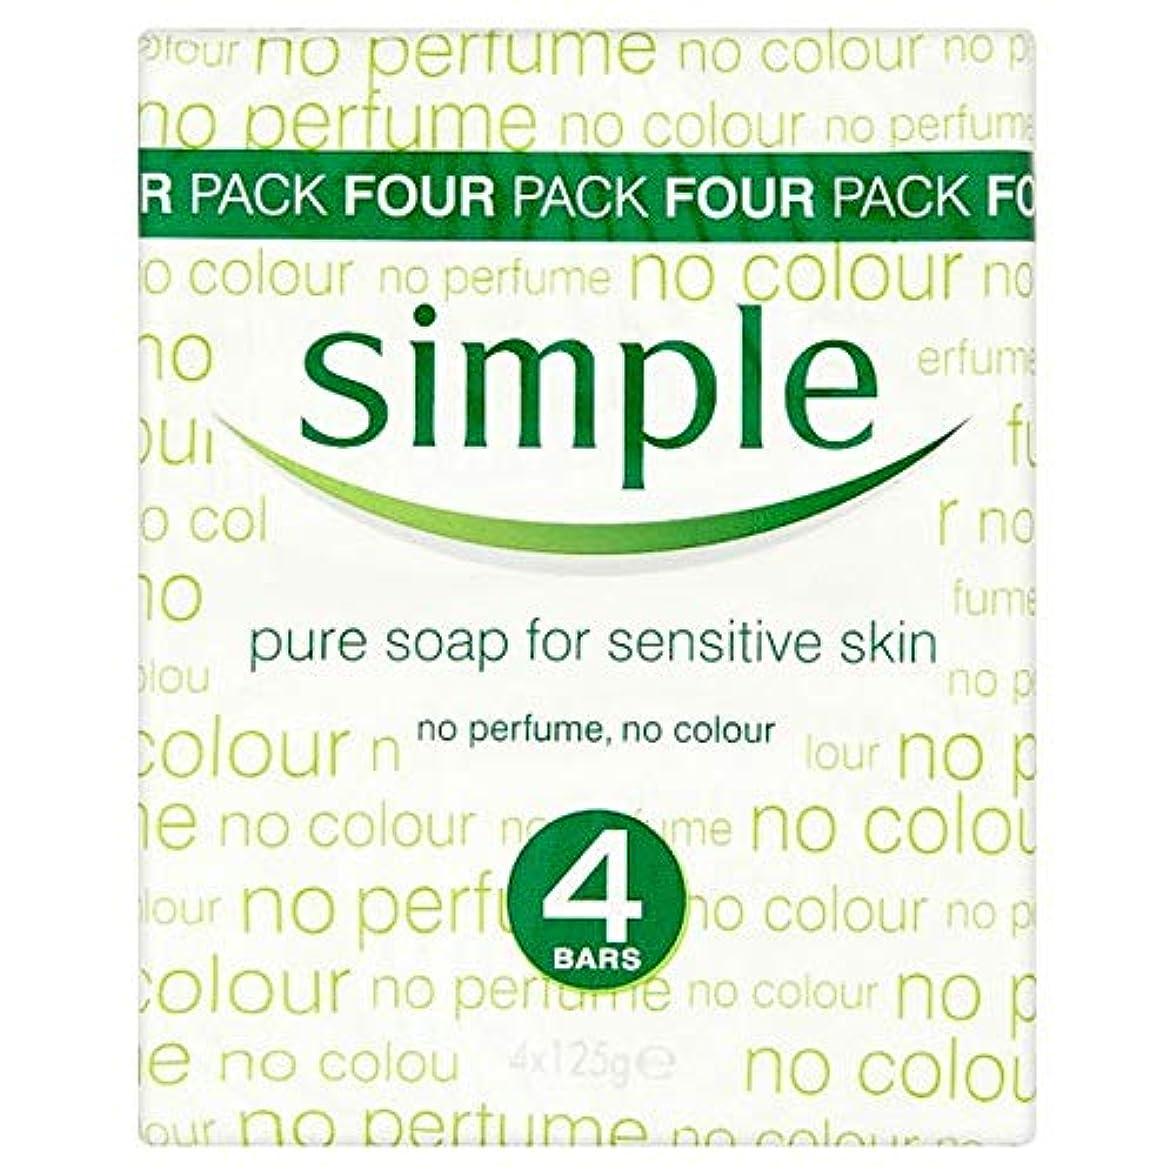 受賞スペルオセアニア[Simple ] シンプルな純粋な固形石鹸4×125グラム - Simple Pure Bar Soap 4 X 125g [並行輸入品]